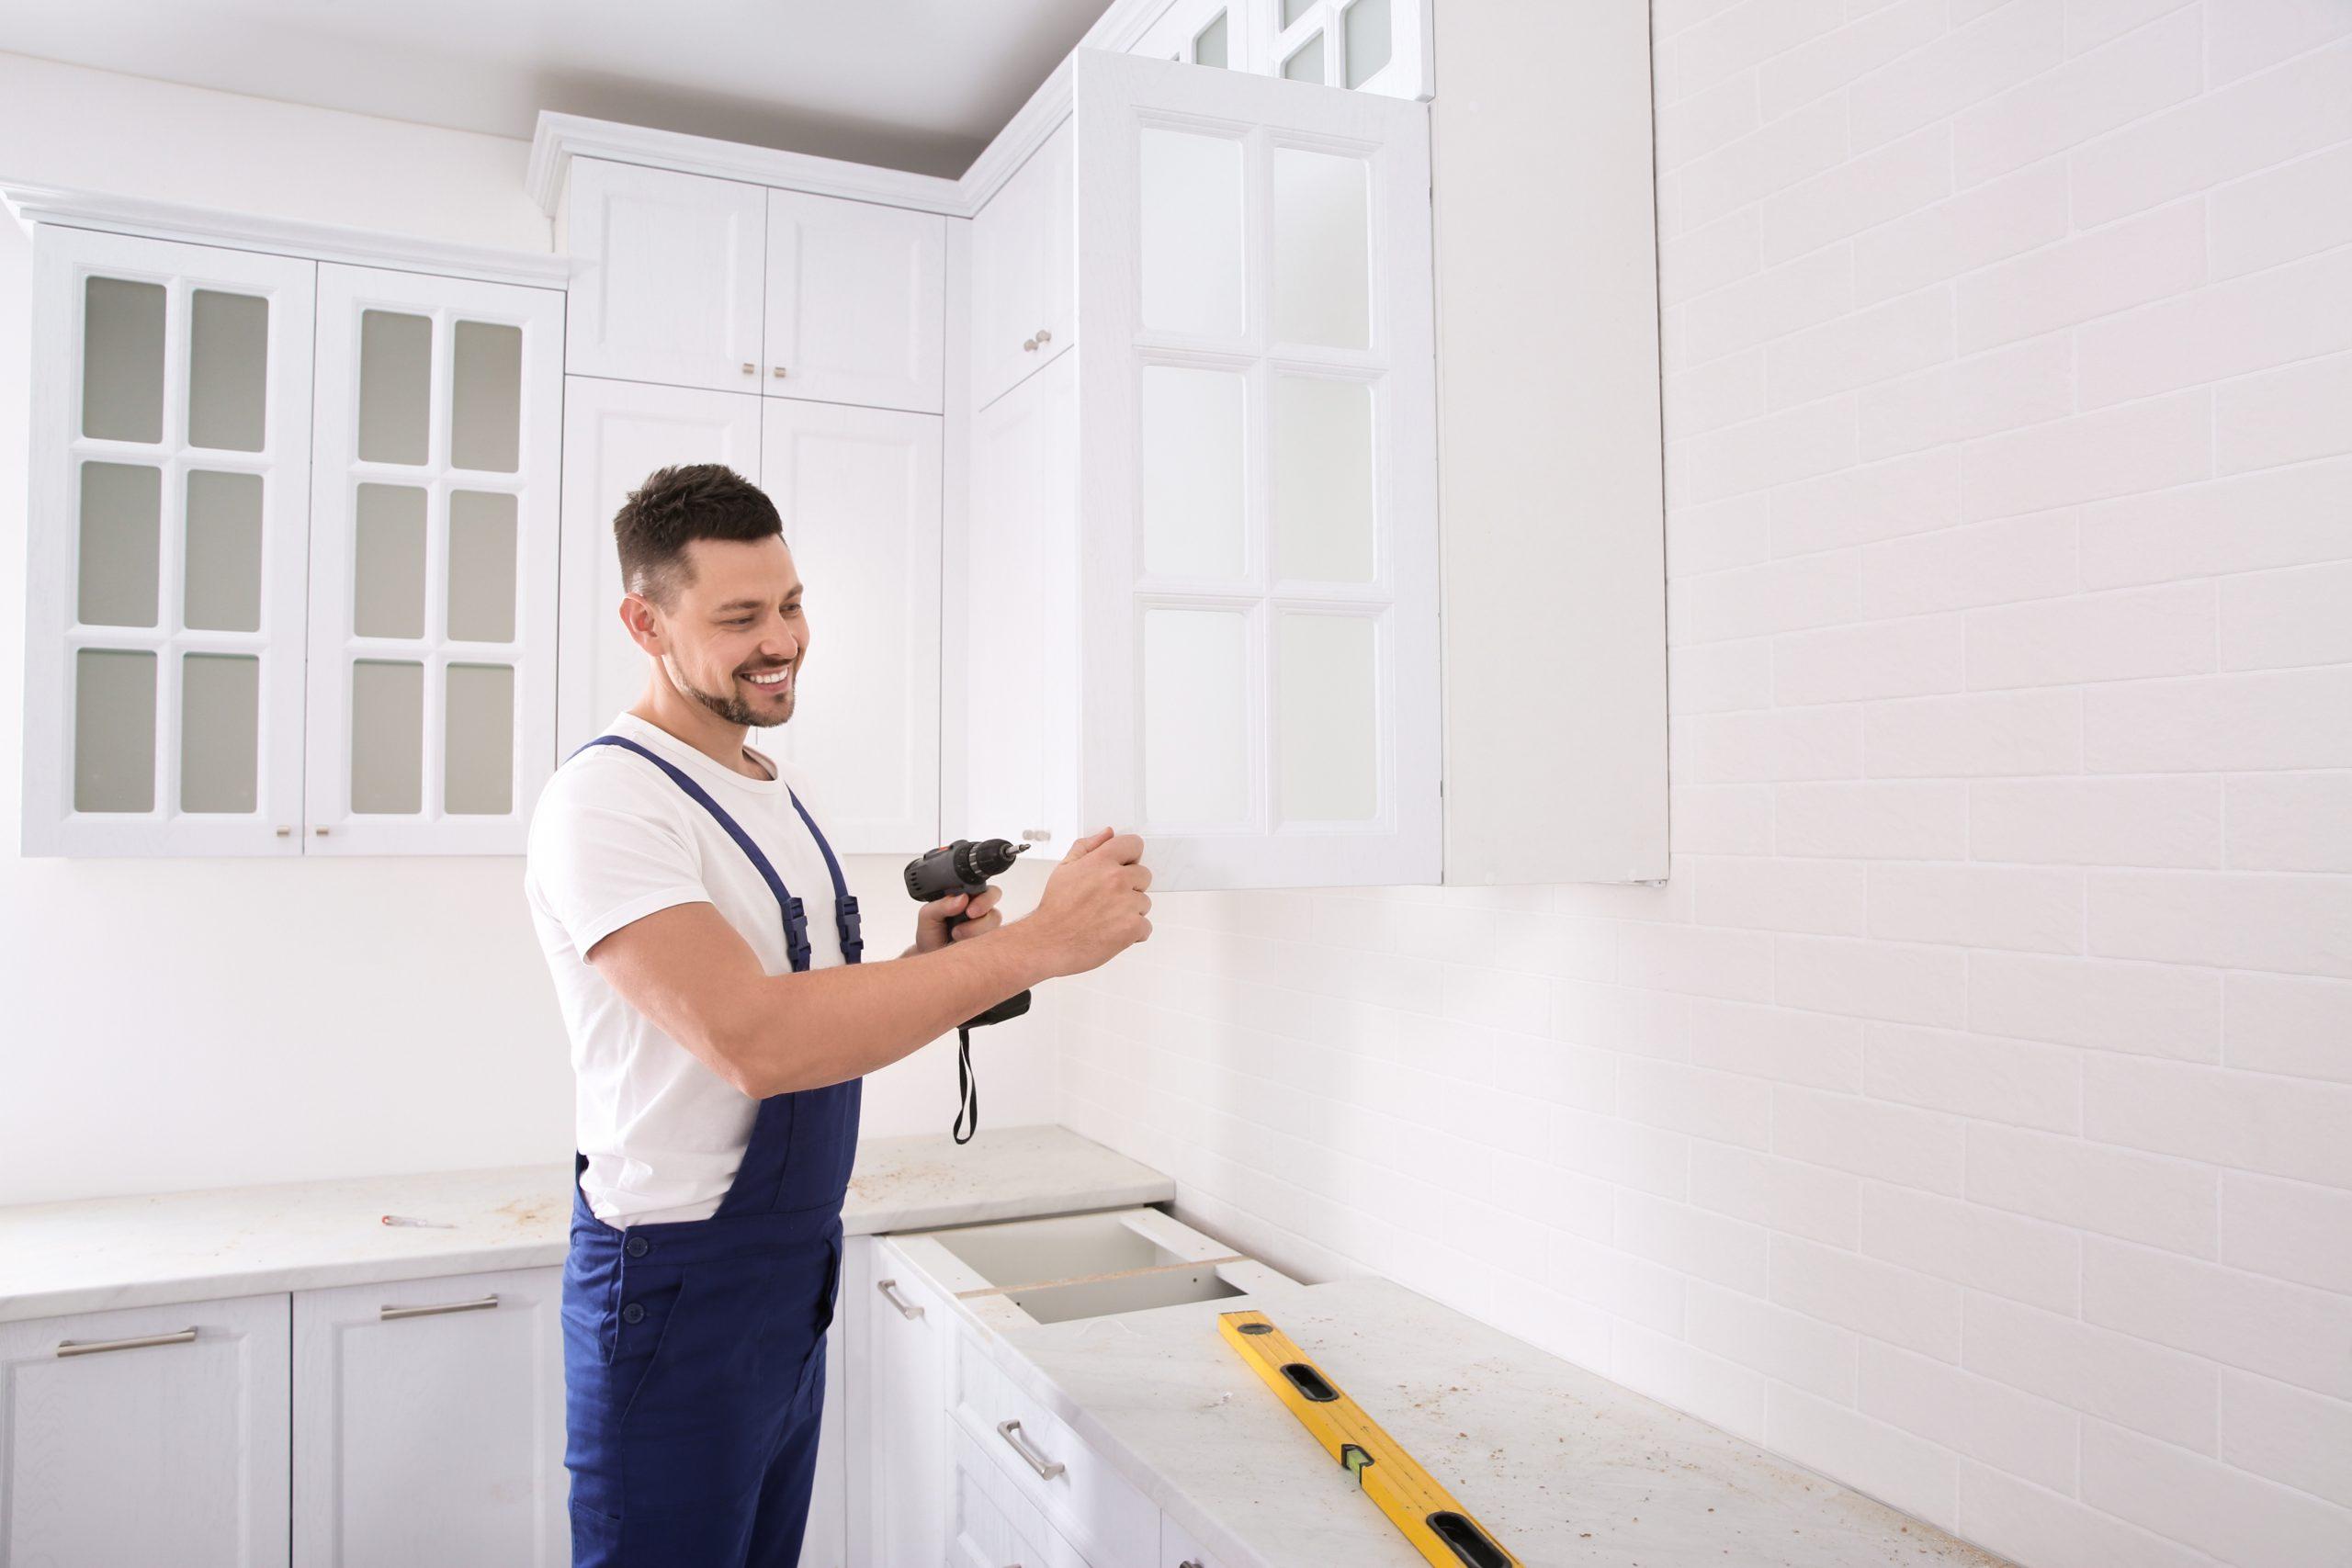 Worker installing handle on cabinet door with screw gun in kitchen